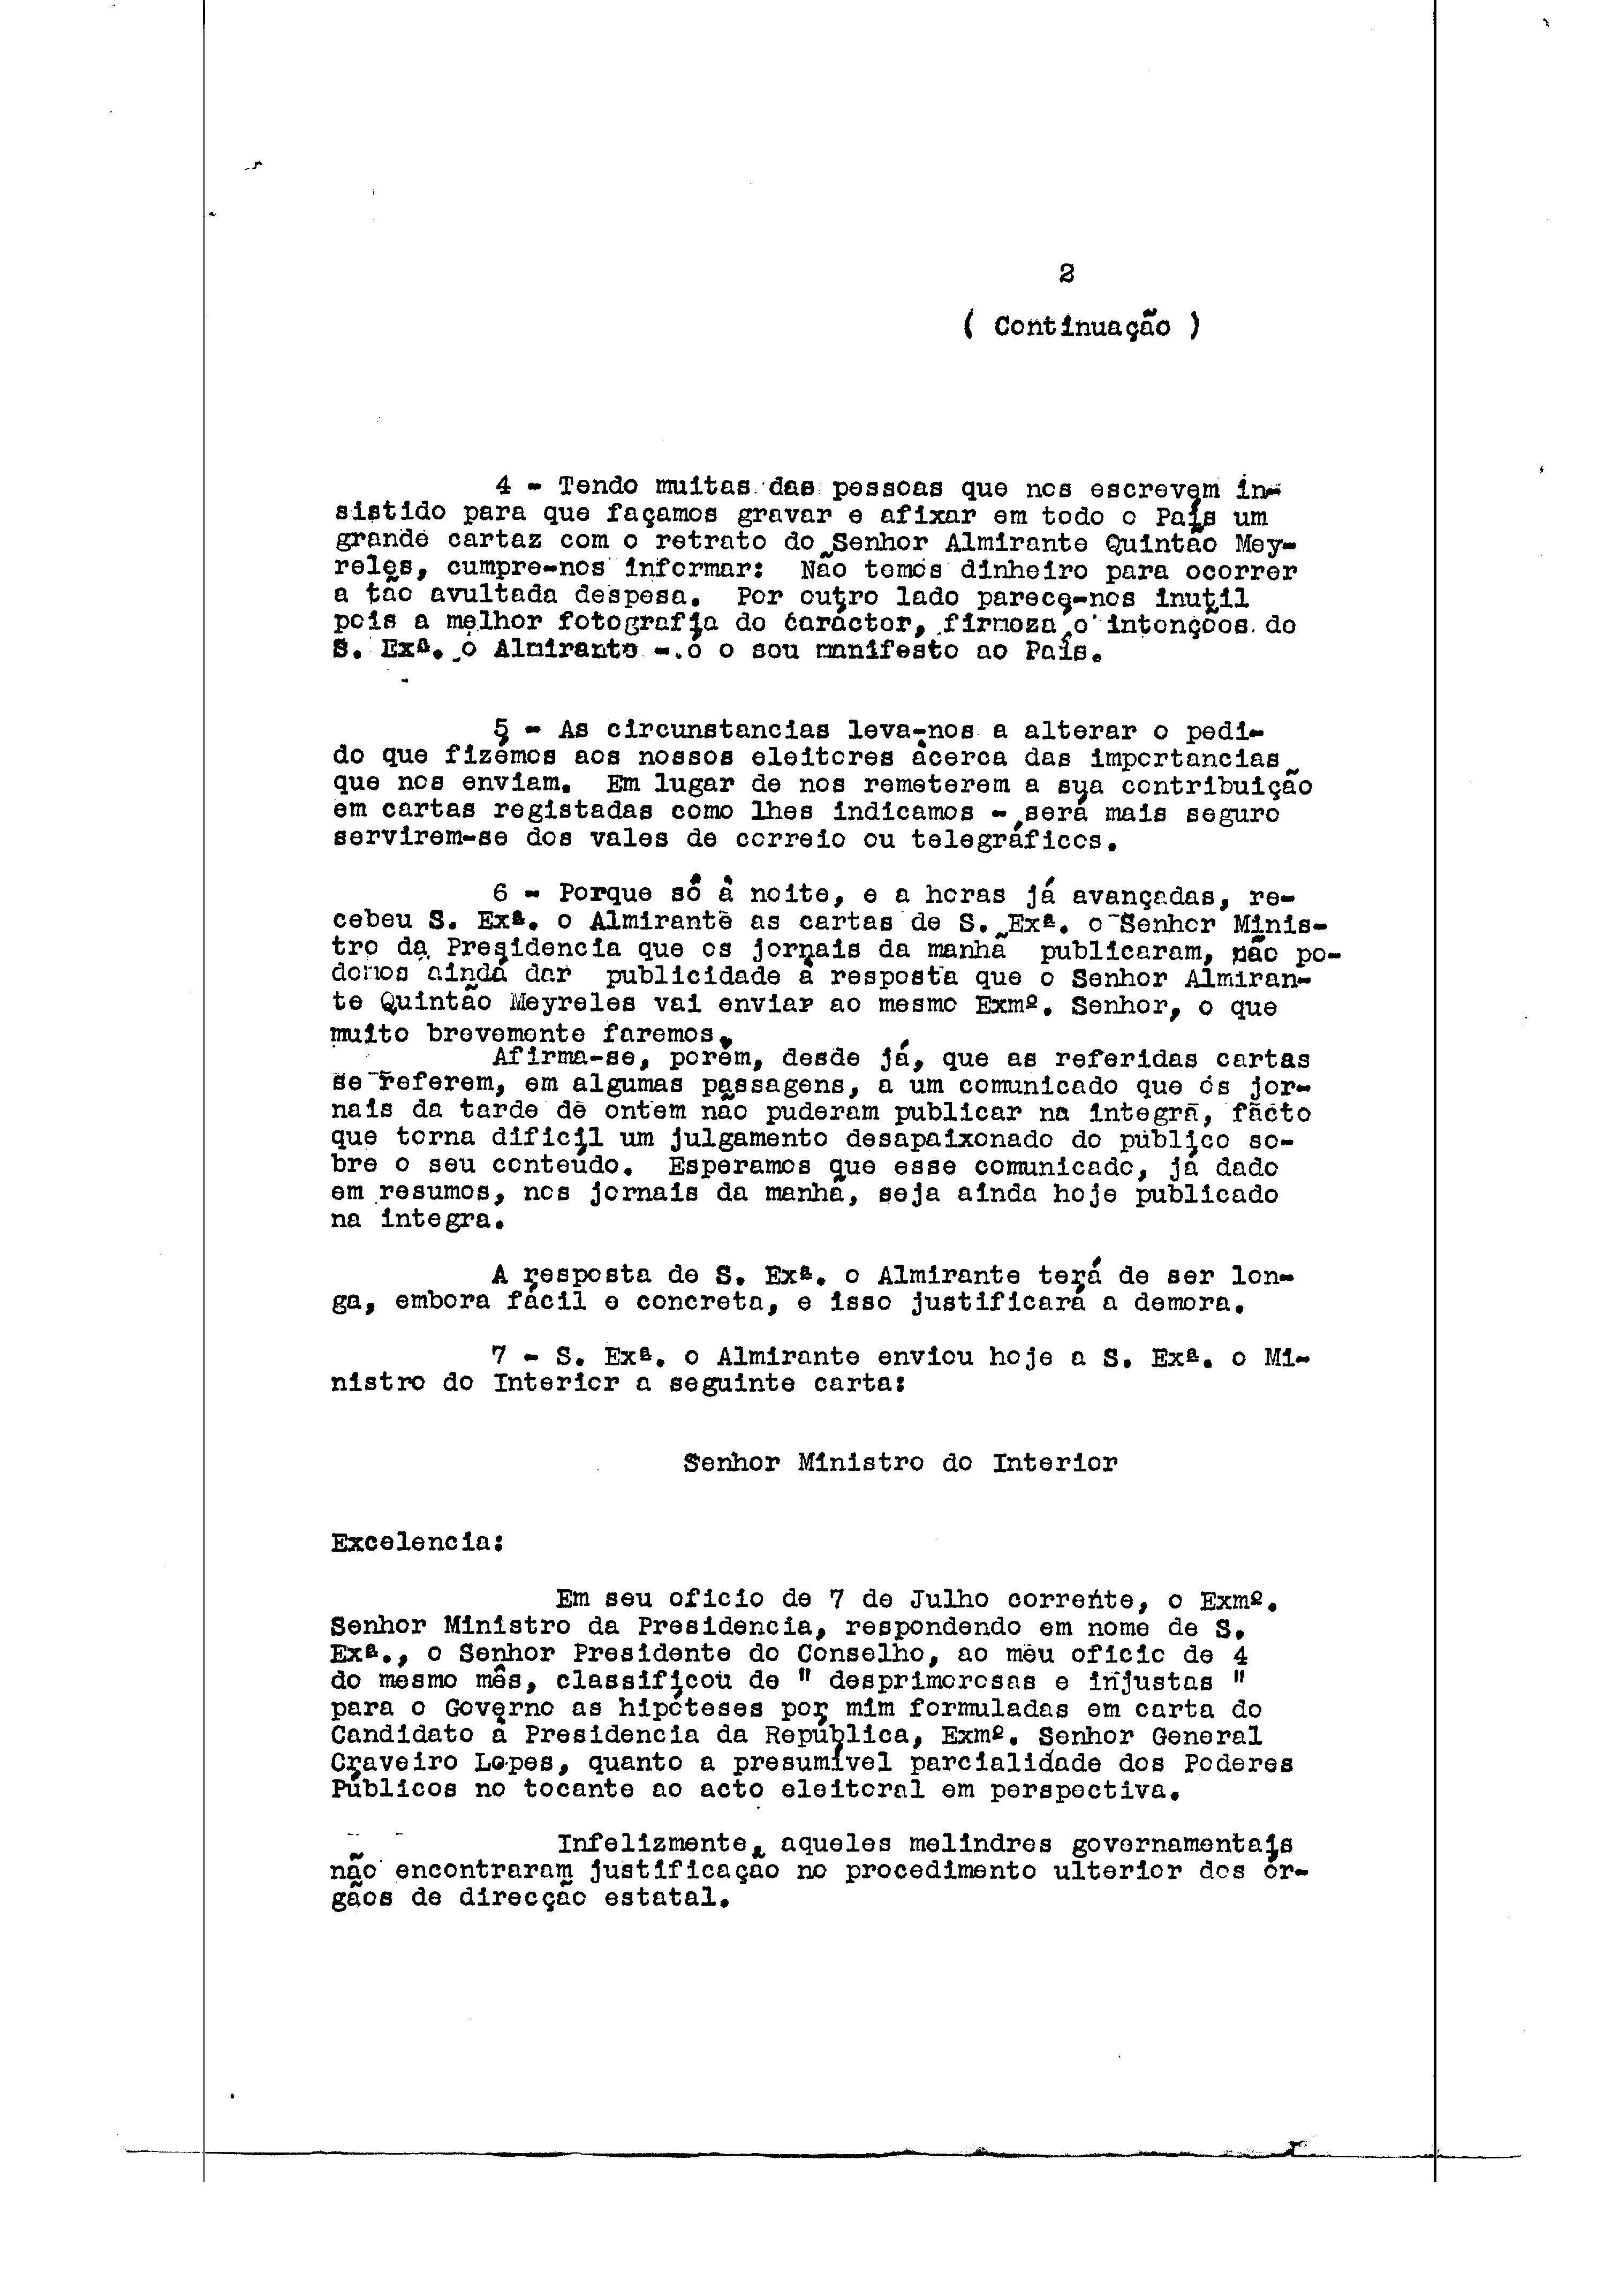 02592.005- pag.3